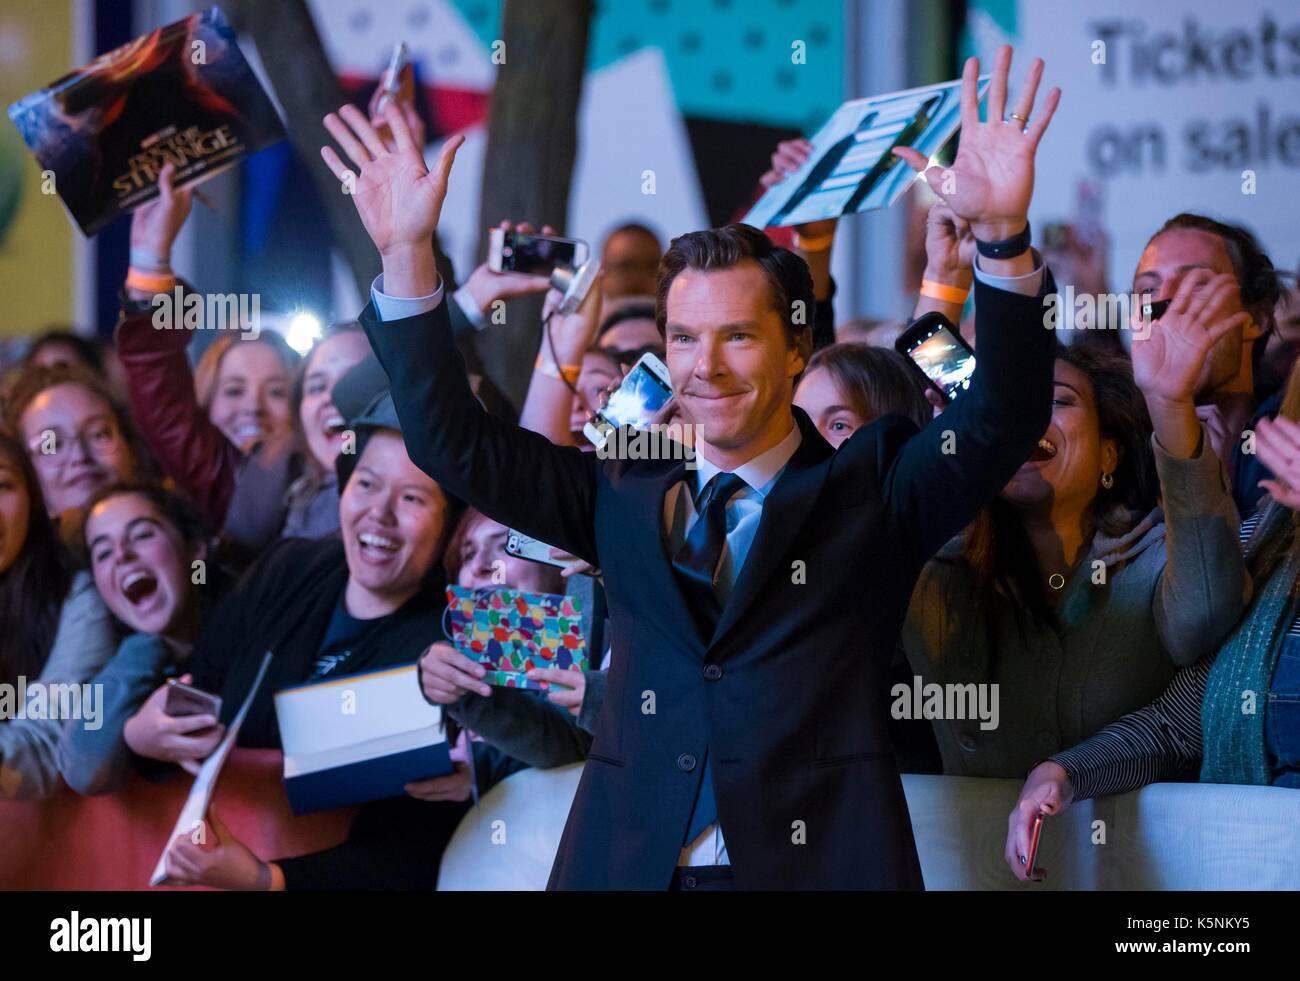 Toronto, Canada. 9 Sep, 2017. attore benedetto cumberbatch (anteriore) pone per le foto con i fan come frequenta Foto Stock